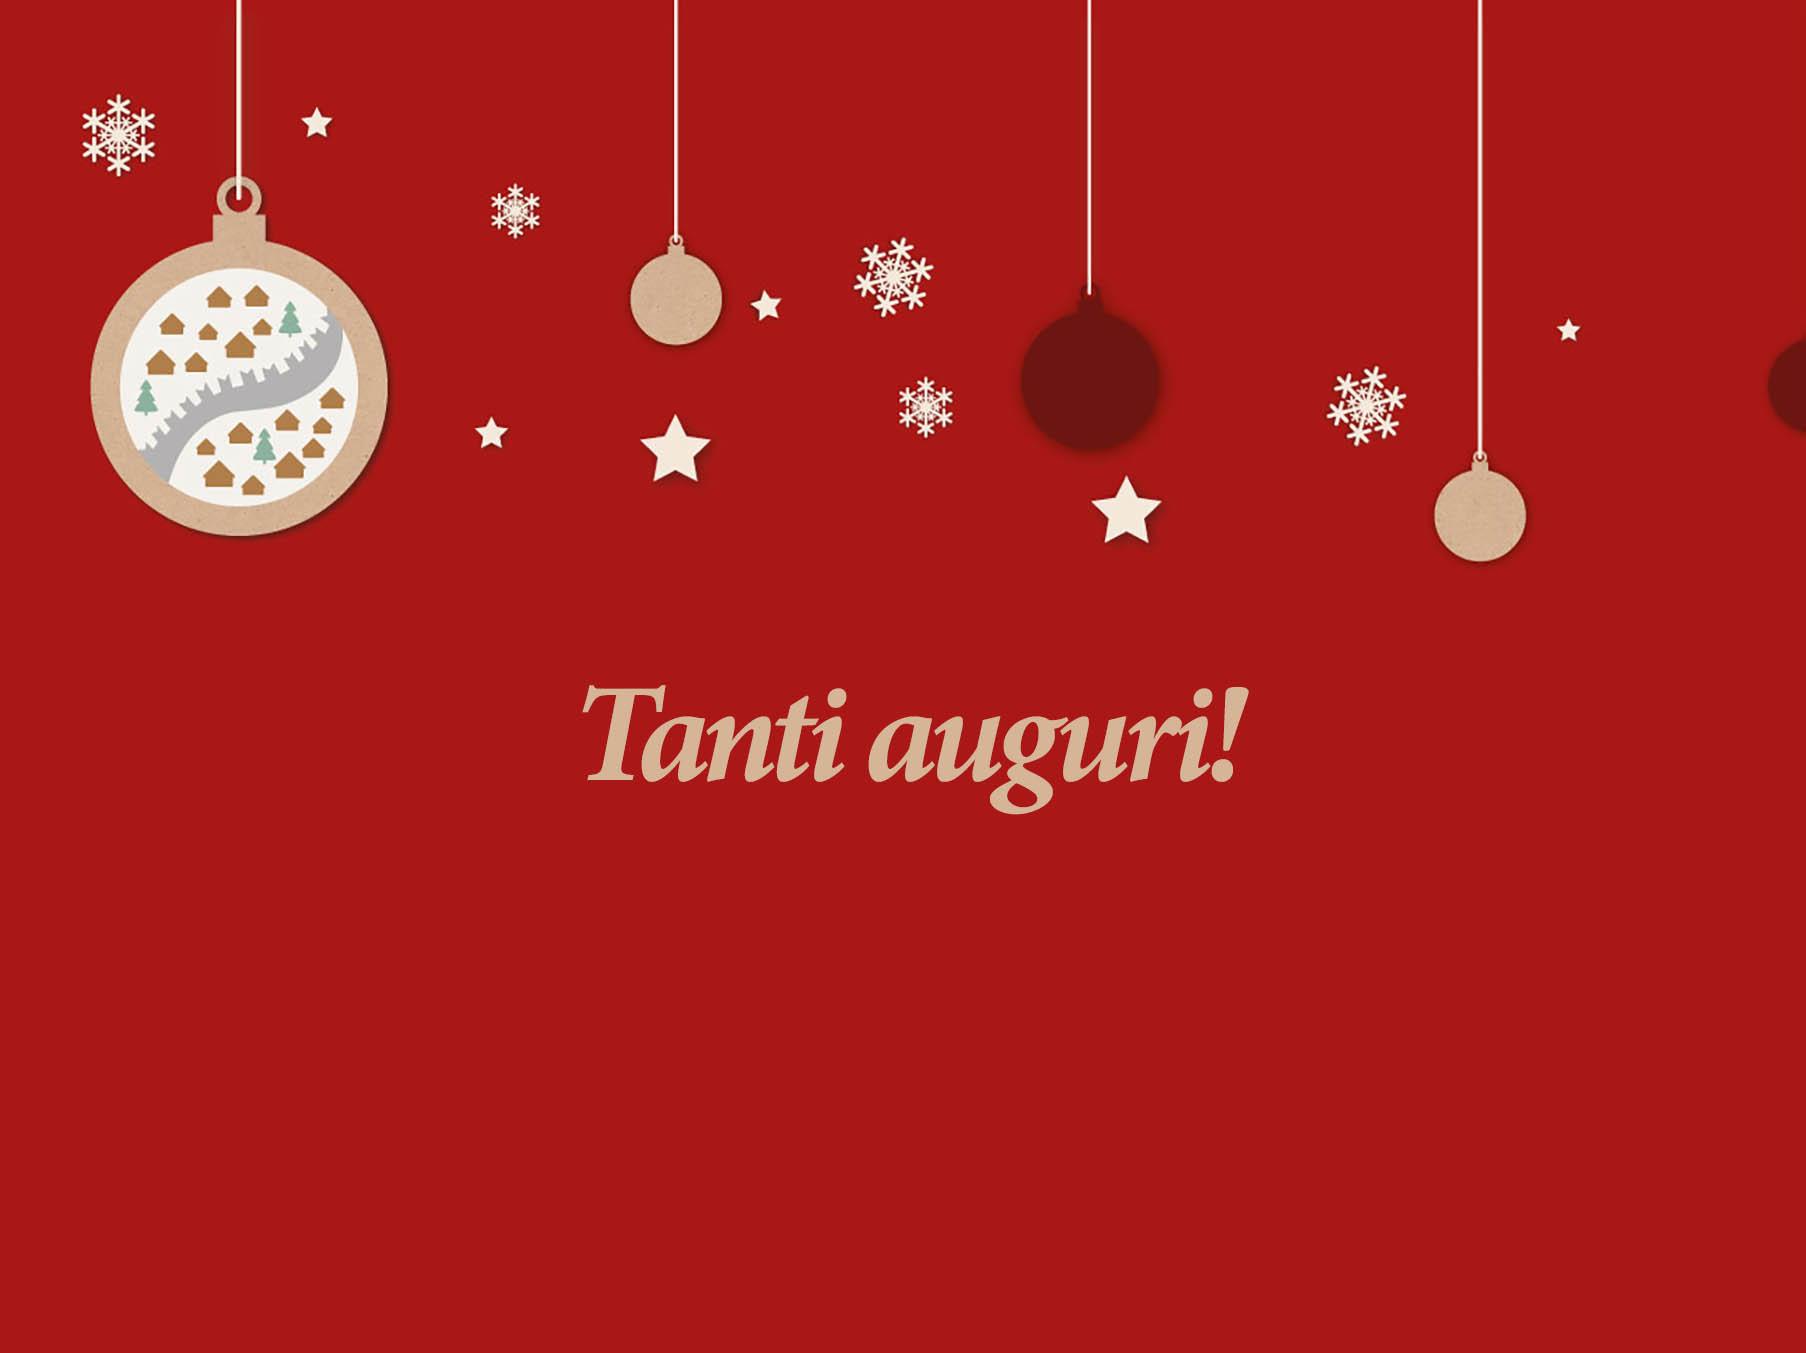 Buon Natale Tutti.Buon Natale A Tutti Betharram It